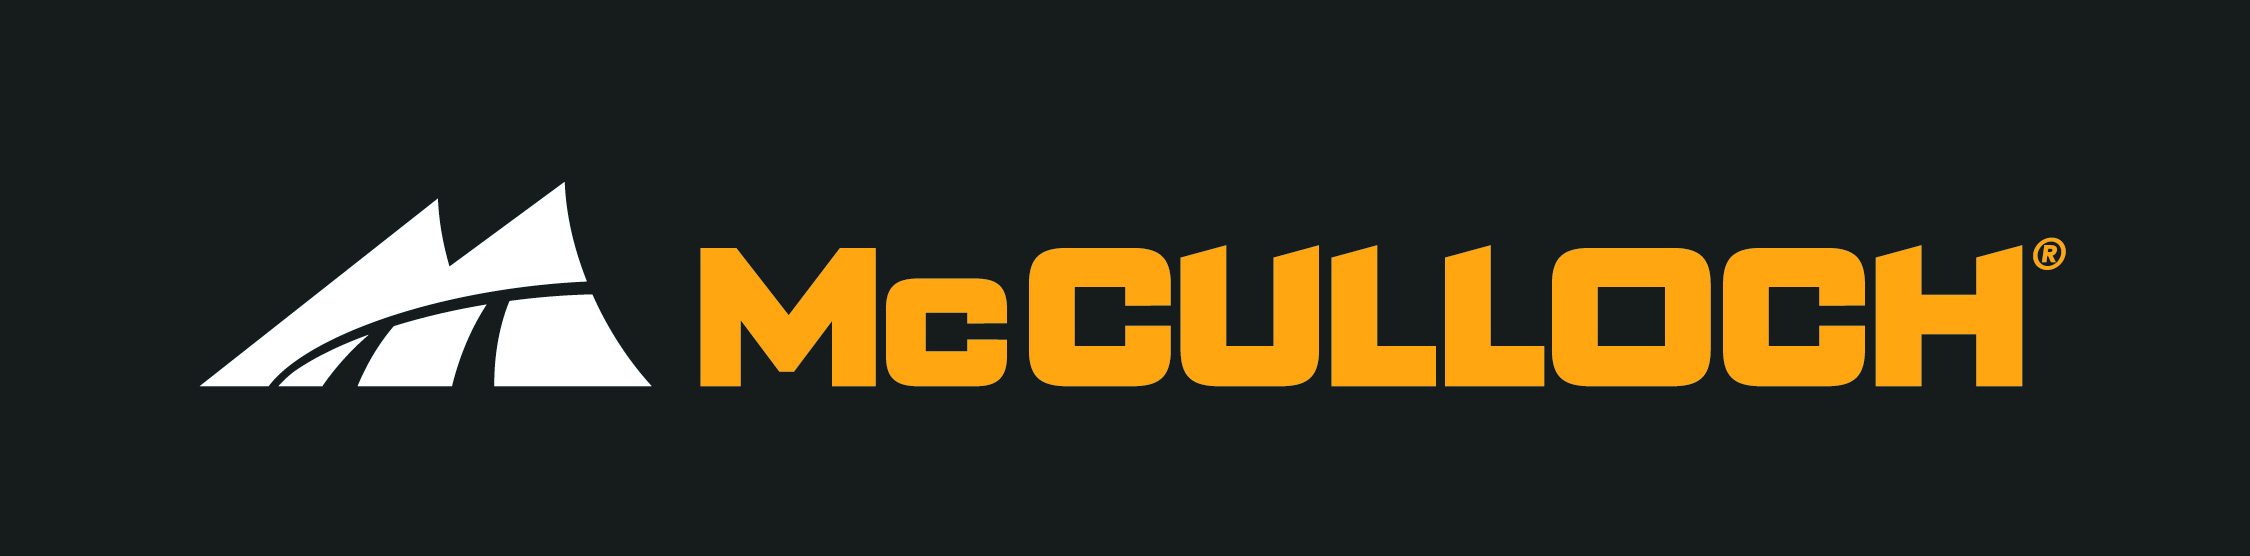 McCulloch - hage verktøy